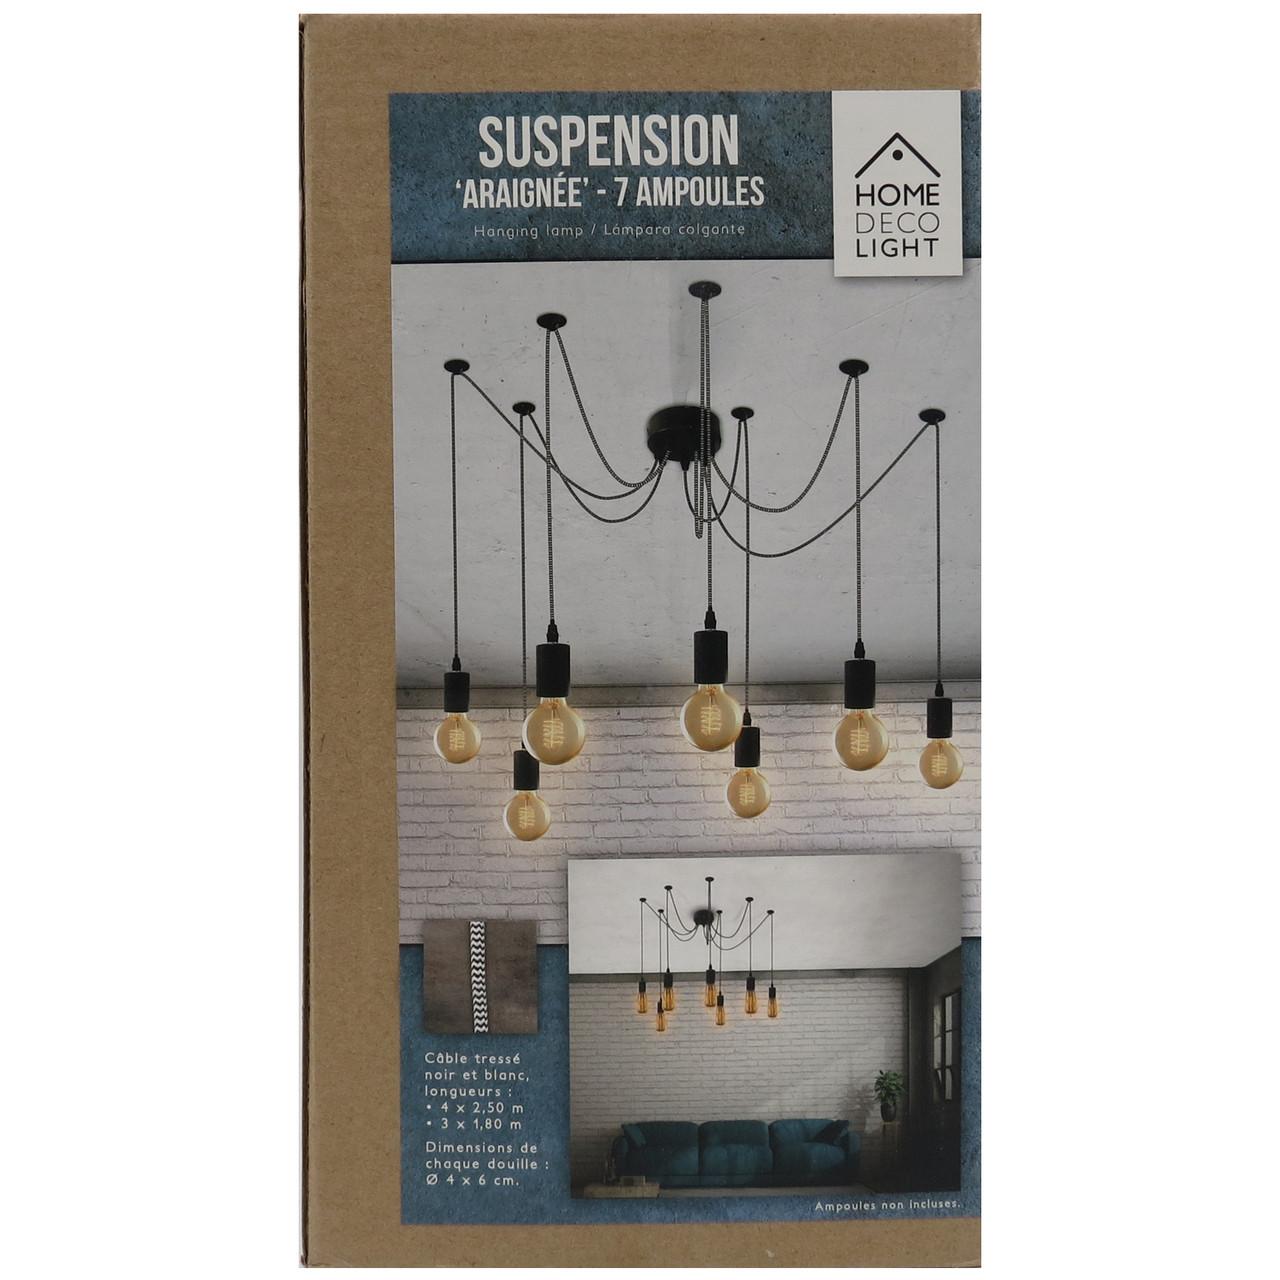 Светильник подвесной декоративный Home Deco Light 125